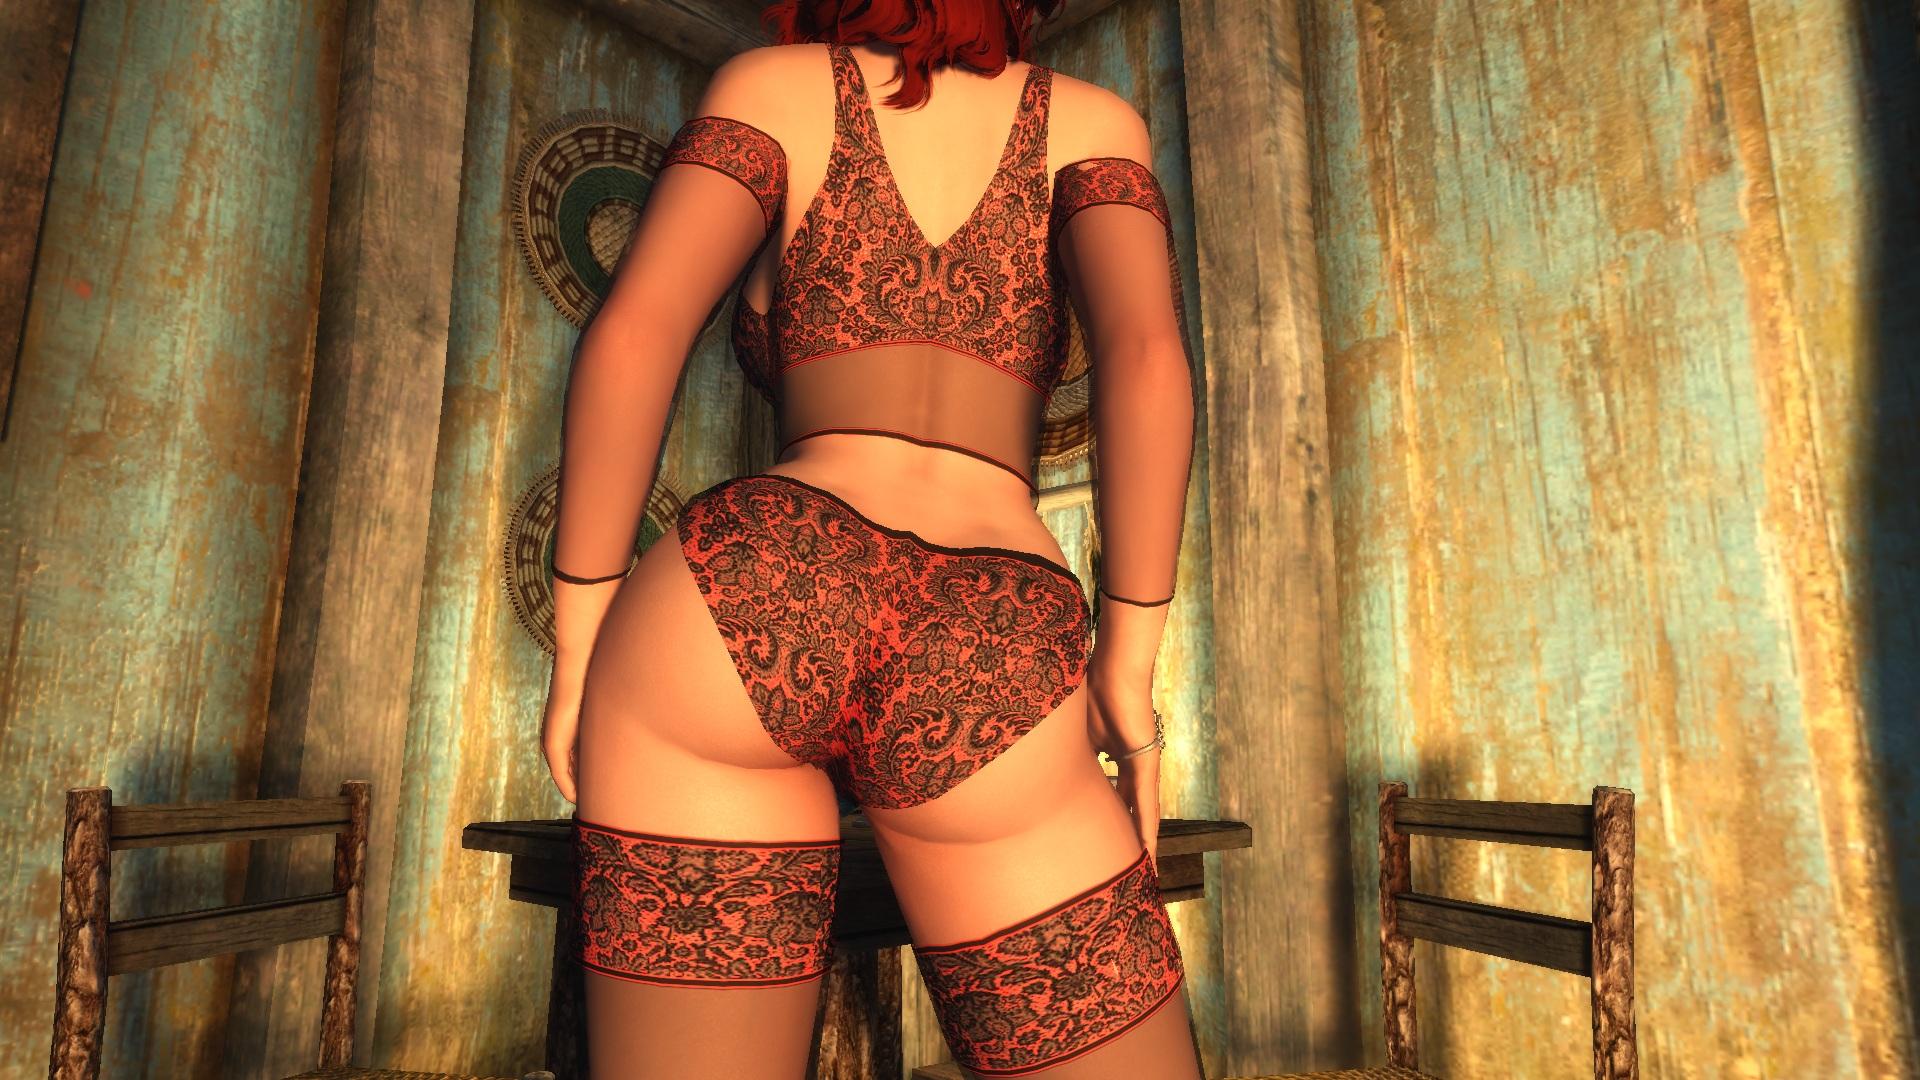 Скайрим моды проститутка проститутки в интернете